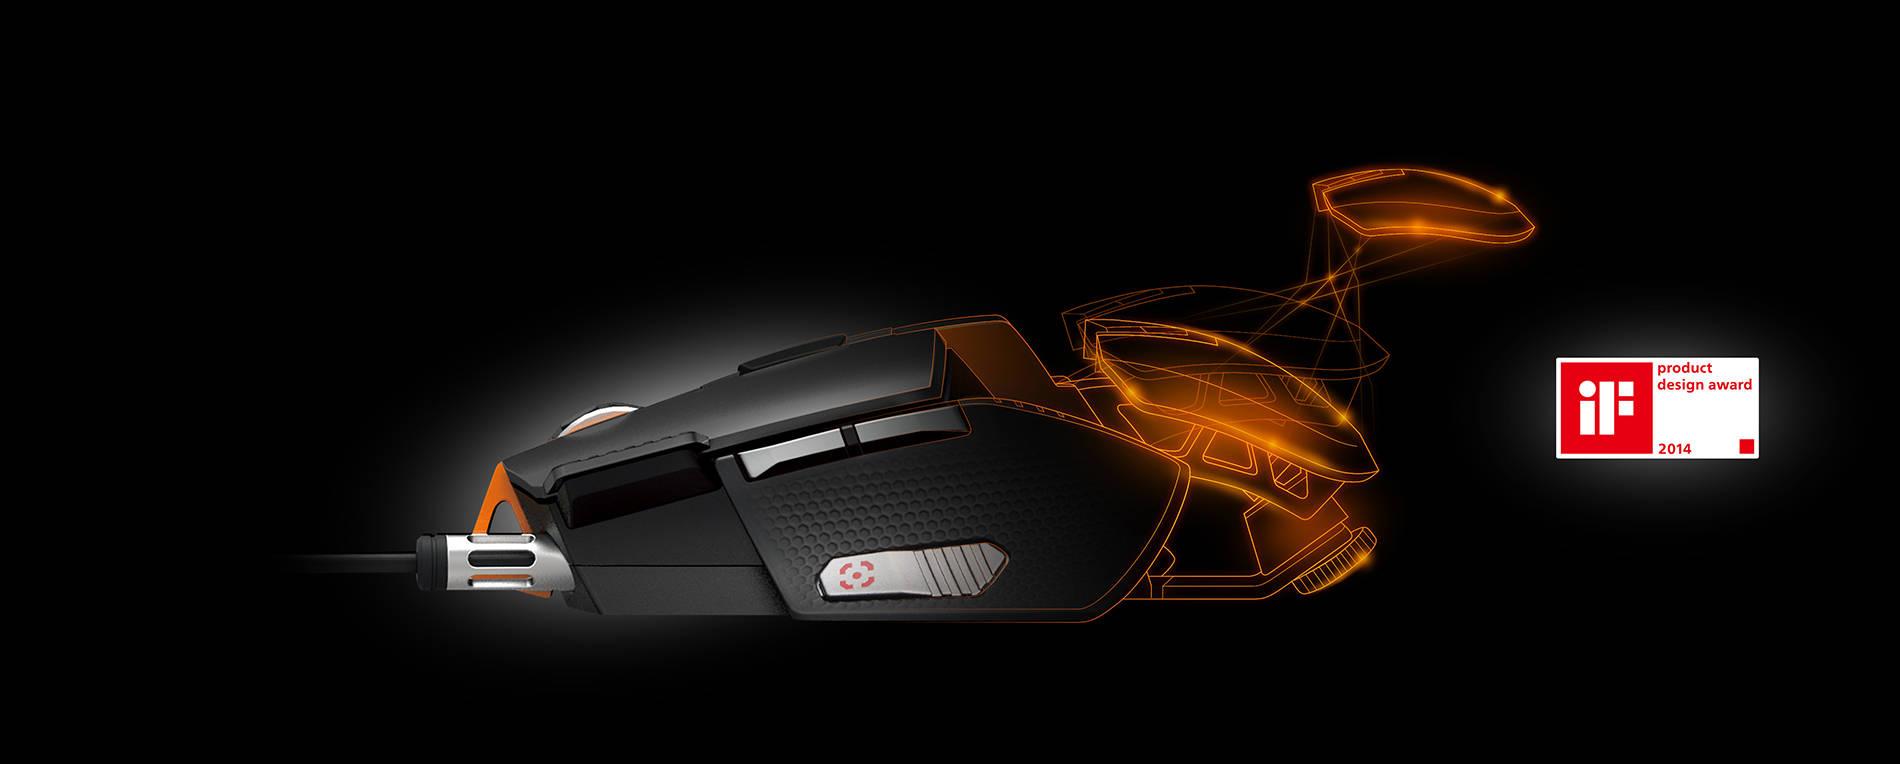 Игровая мышка Cougar 700M Superior. Фото 2